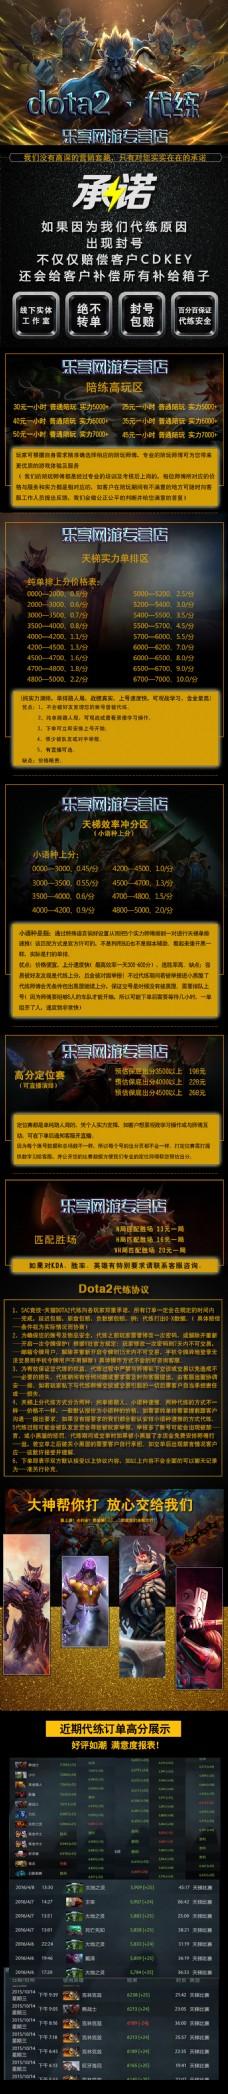 刀塔游戏网页素材